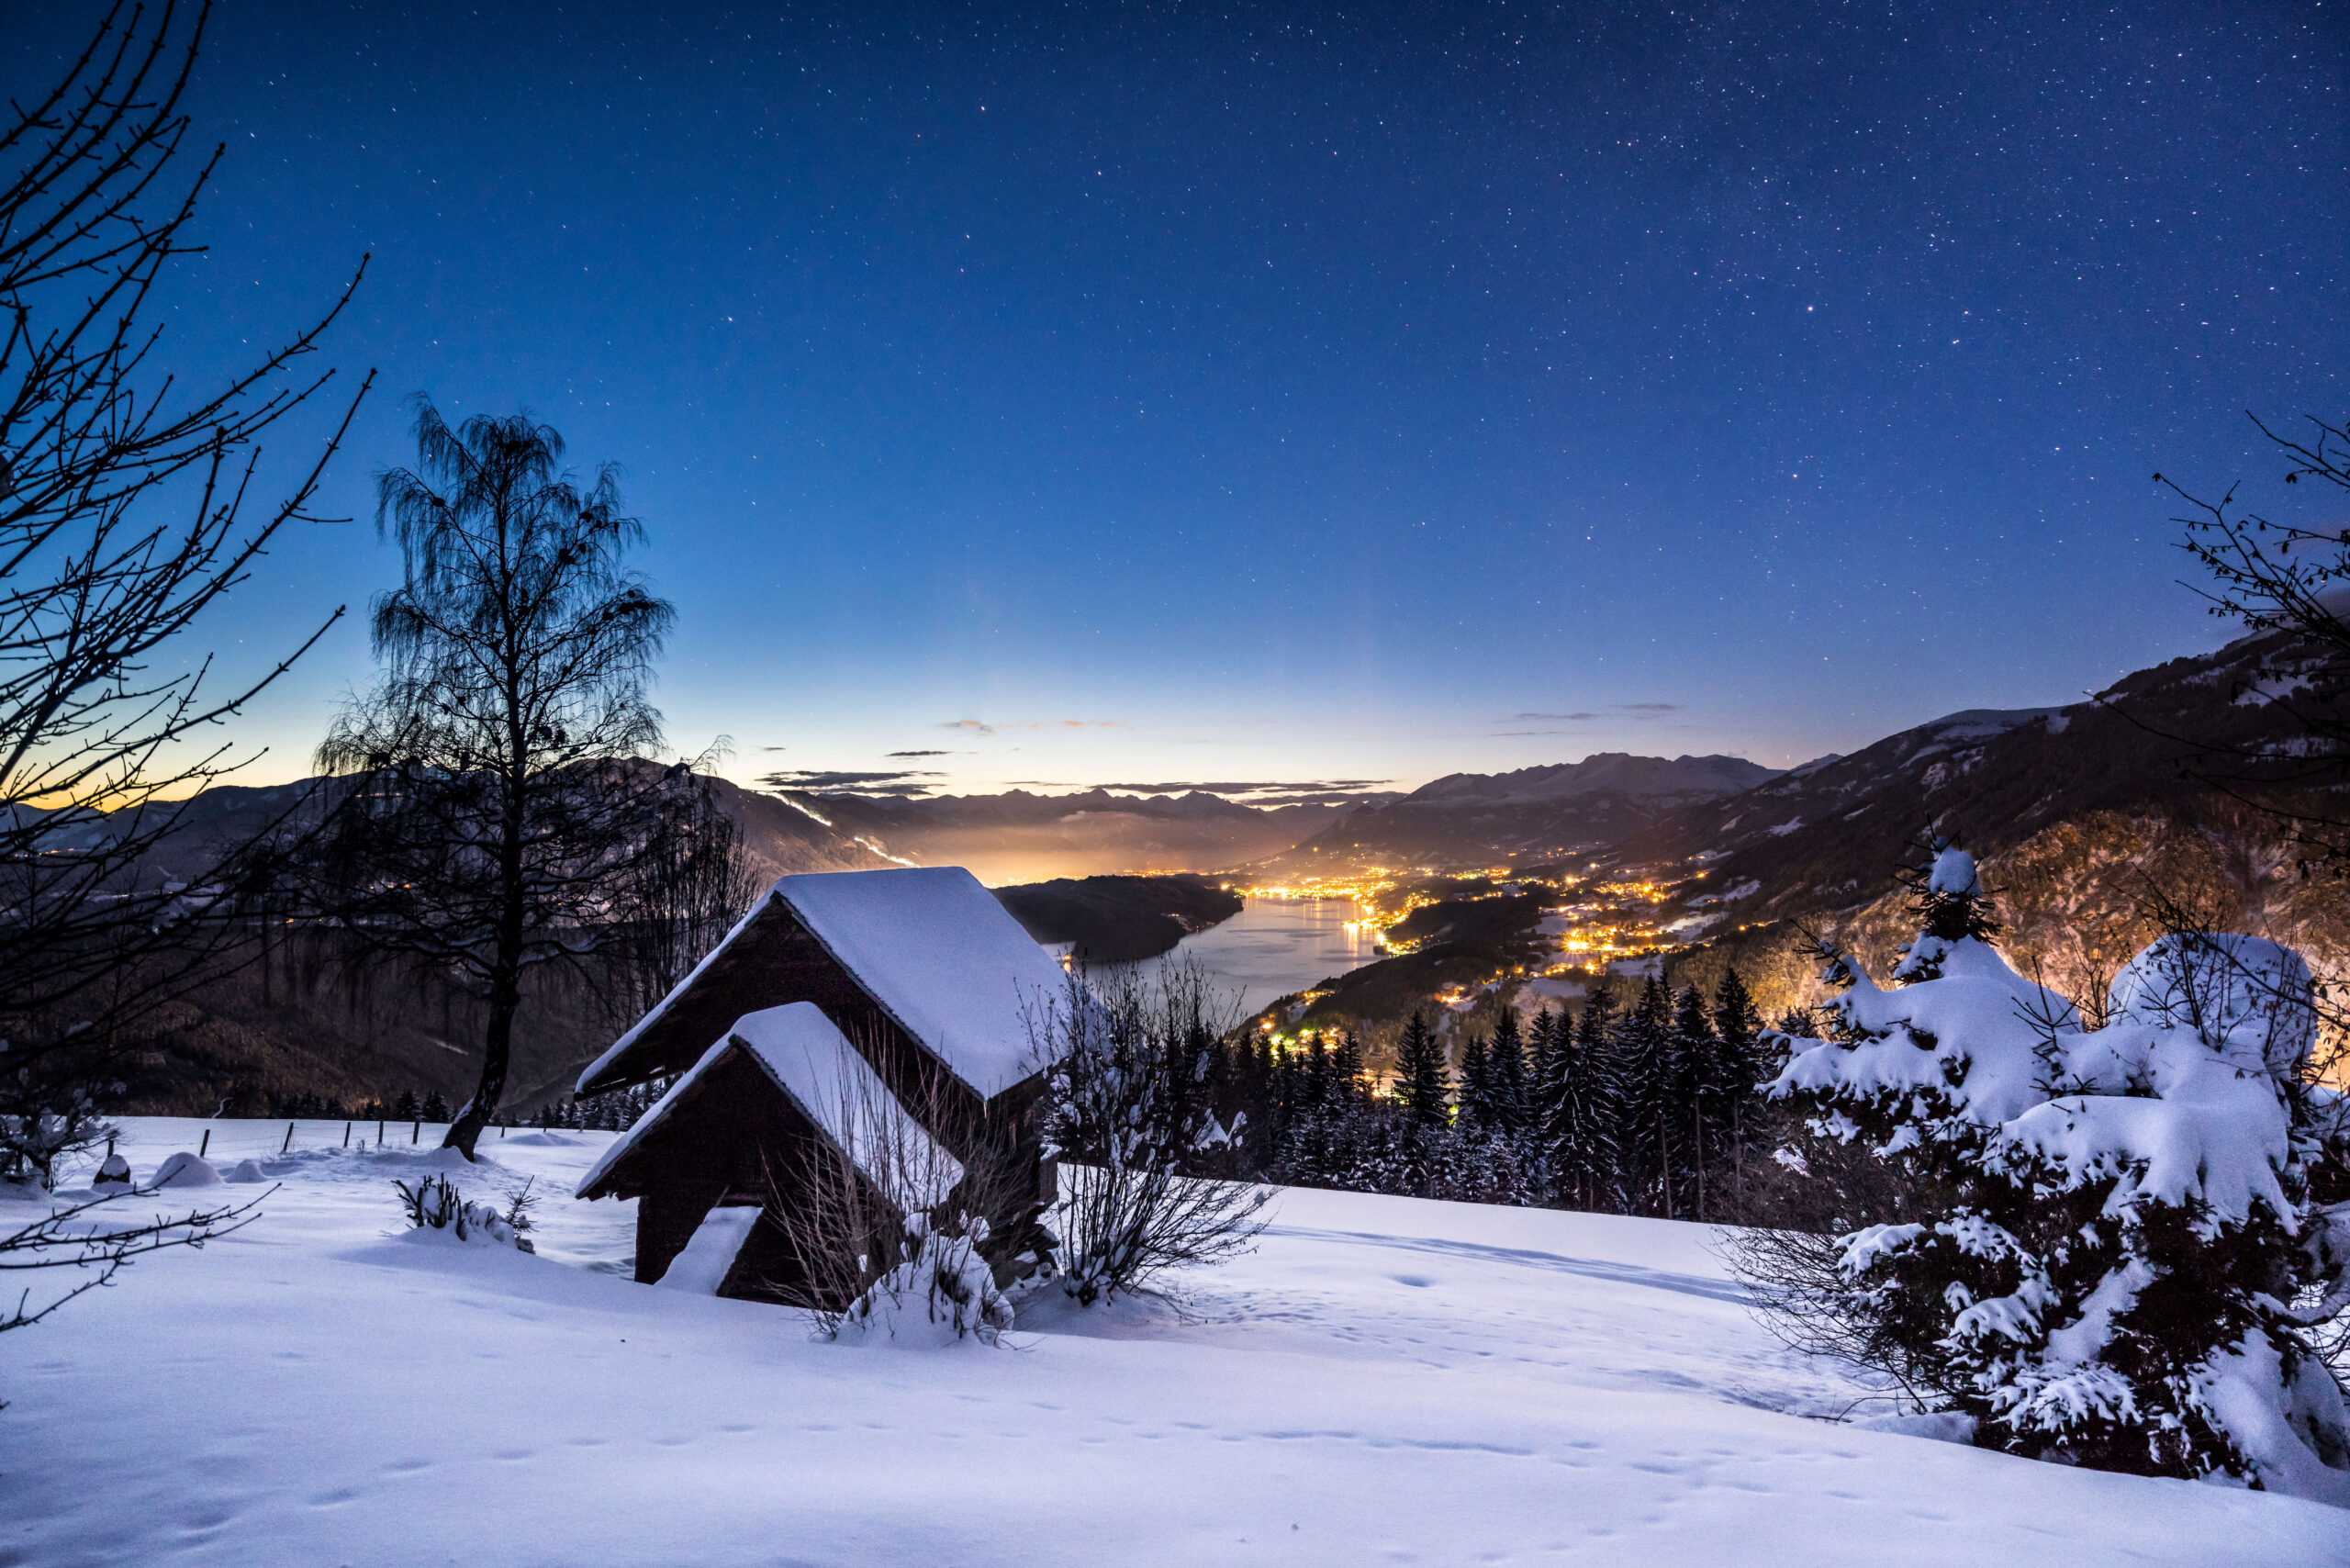 Winter-Romantik am Millstätter See